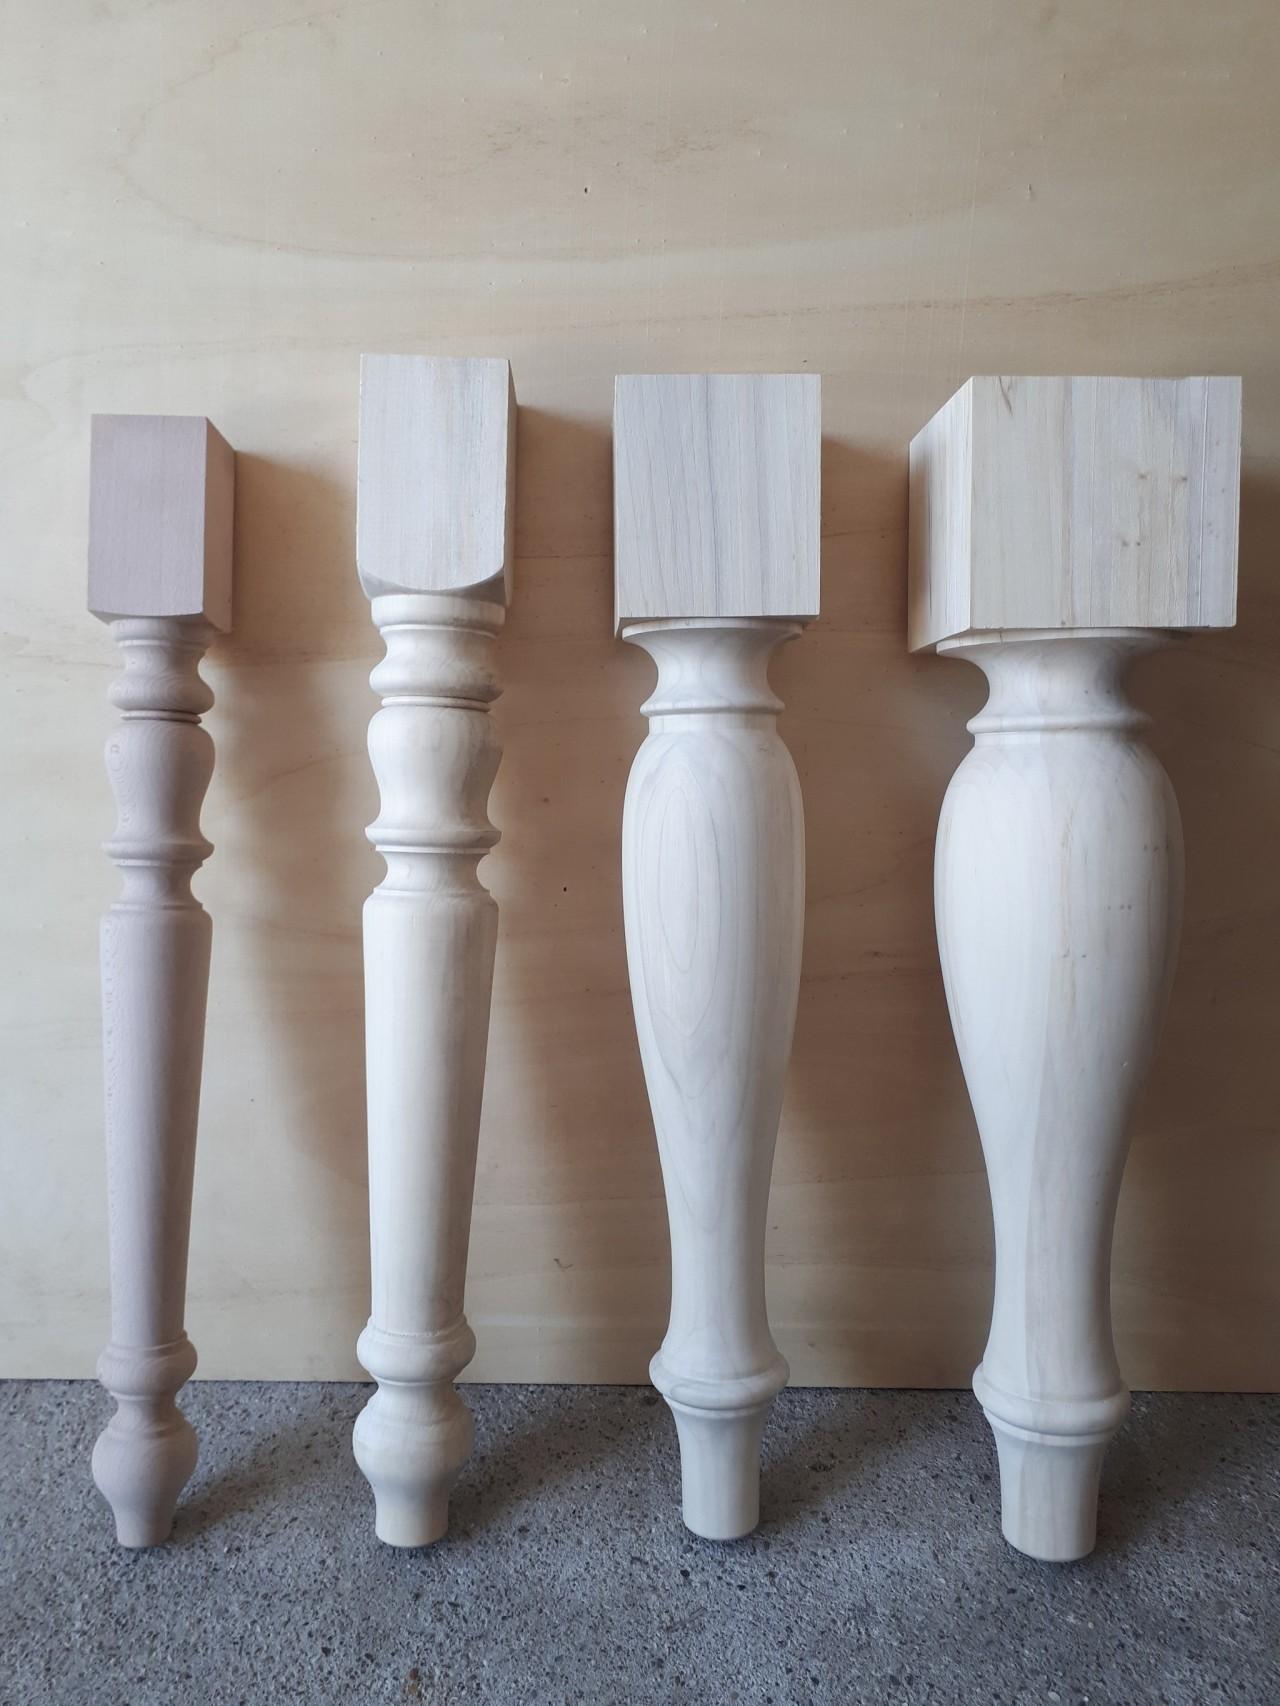 gambe in legno tornite commercio legname pregiato verona